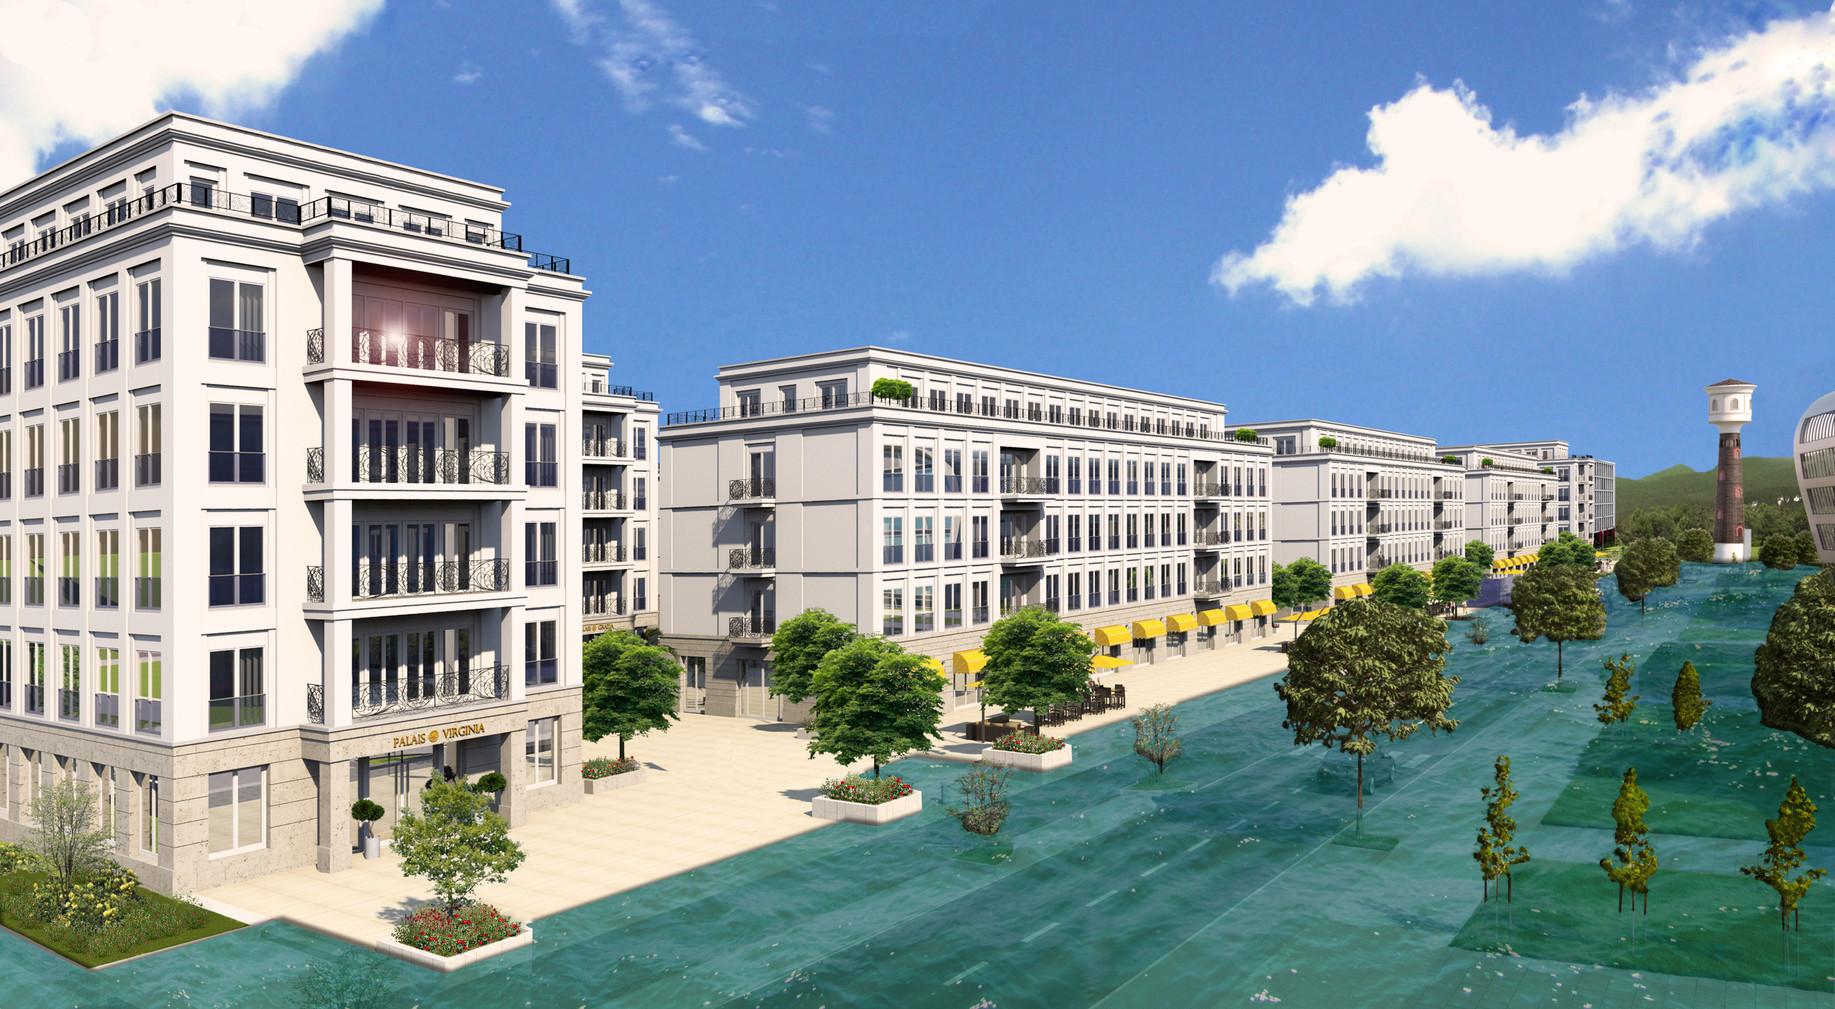 Die Rhein-Palais bei Hochwasser NN 57